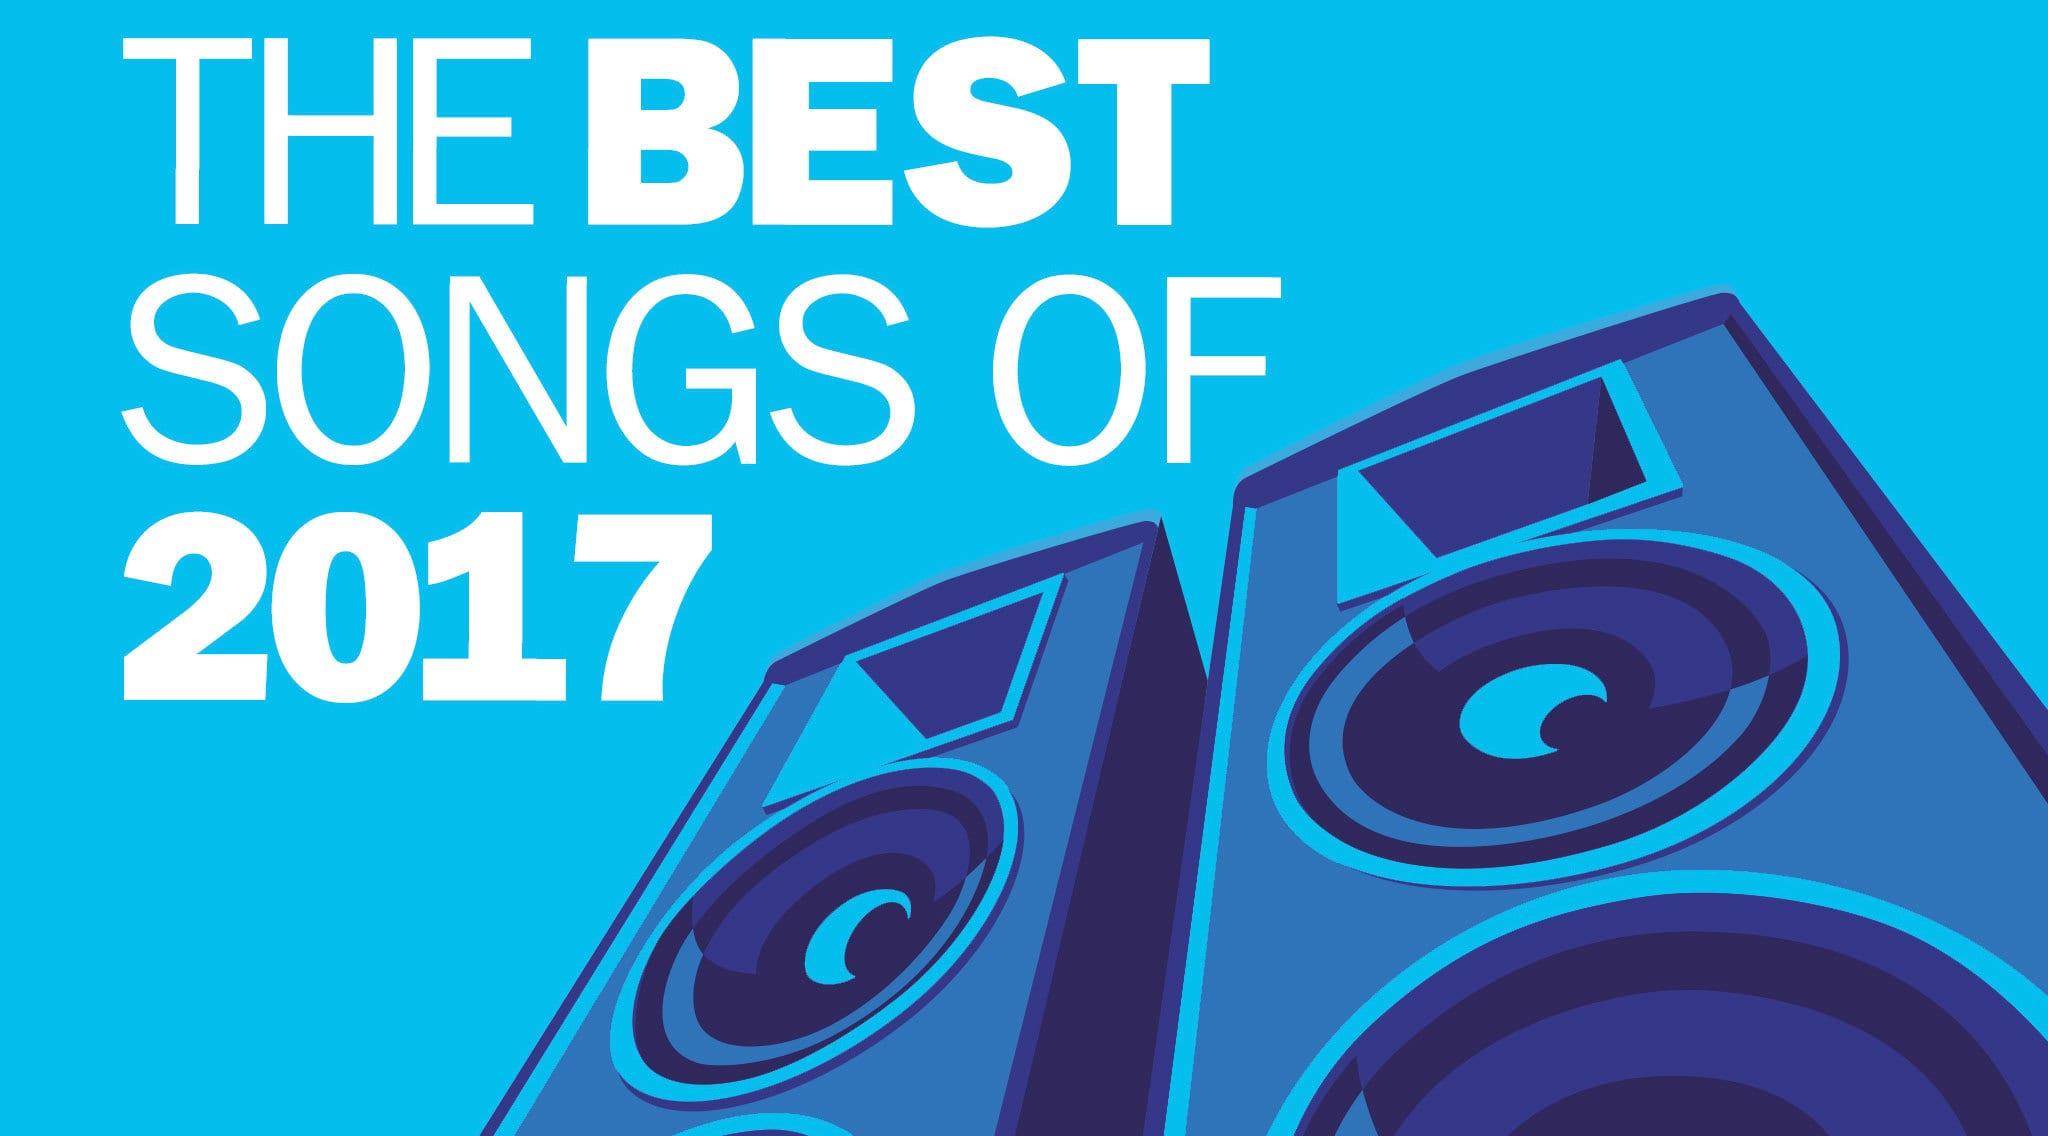 Top Wedding Songs 2017.Top Dancefloor Songs 2017 Wedding Dj Ian Stewart Ian Stewart